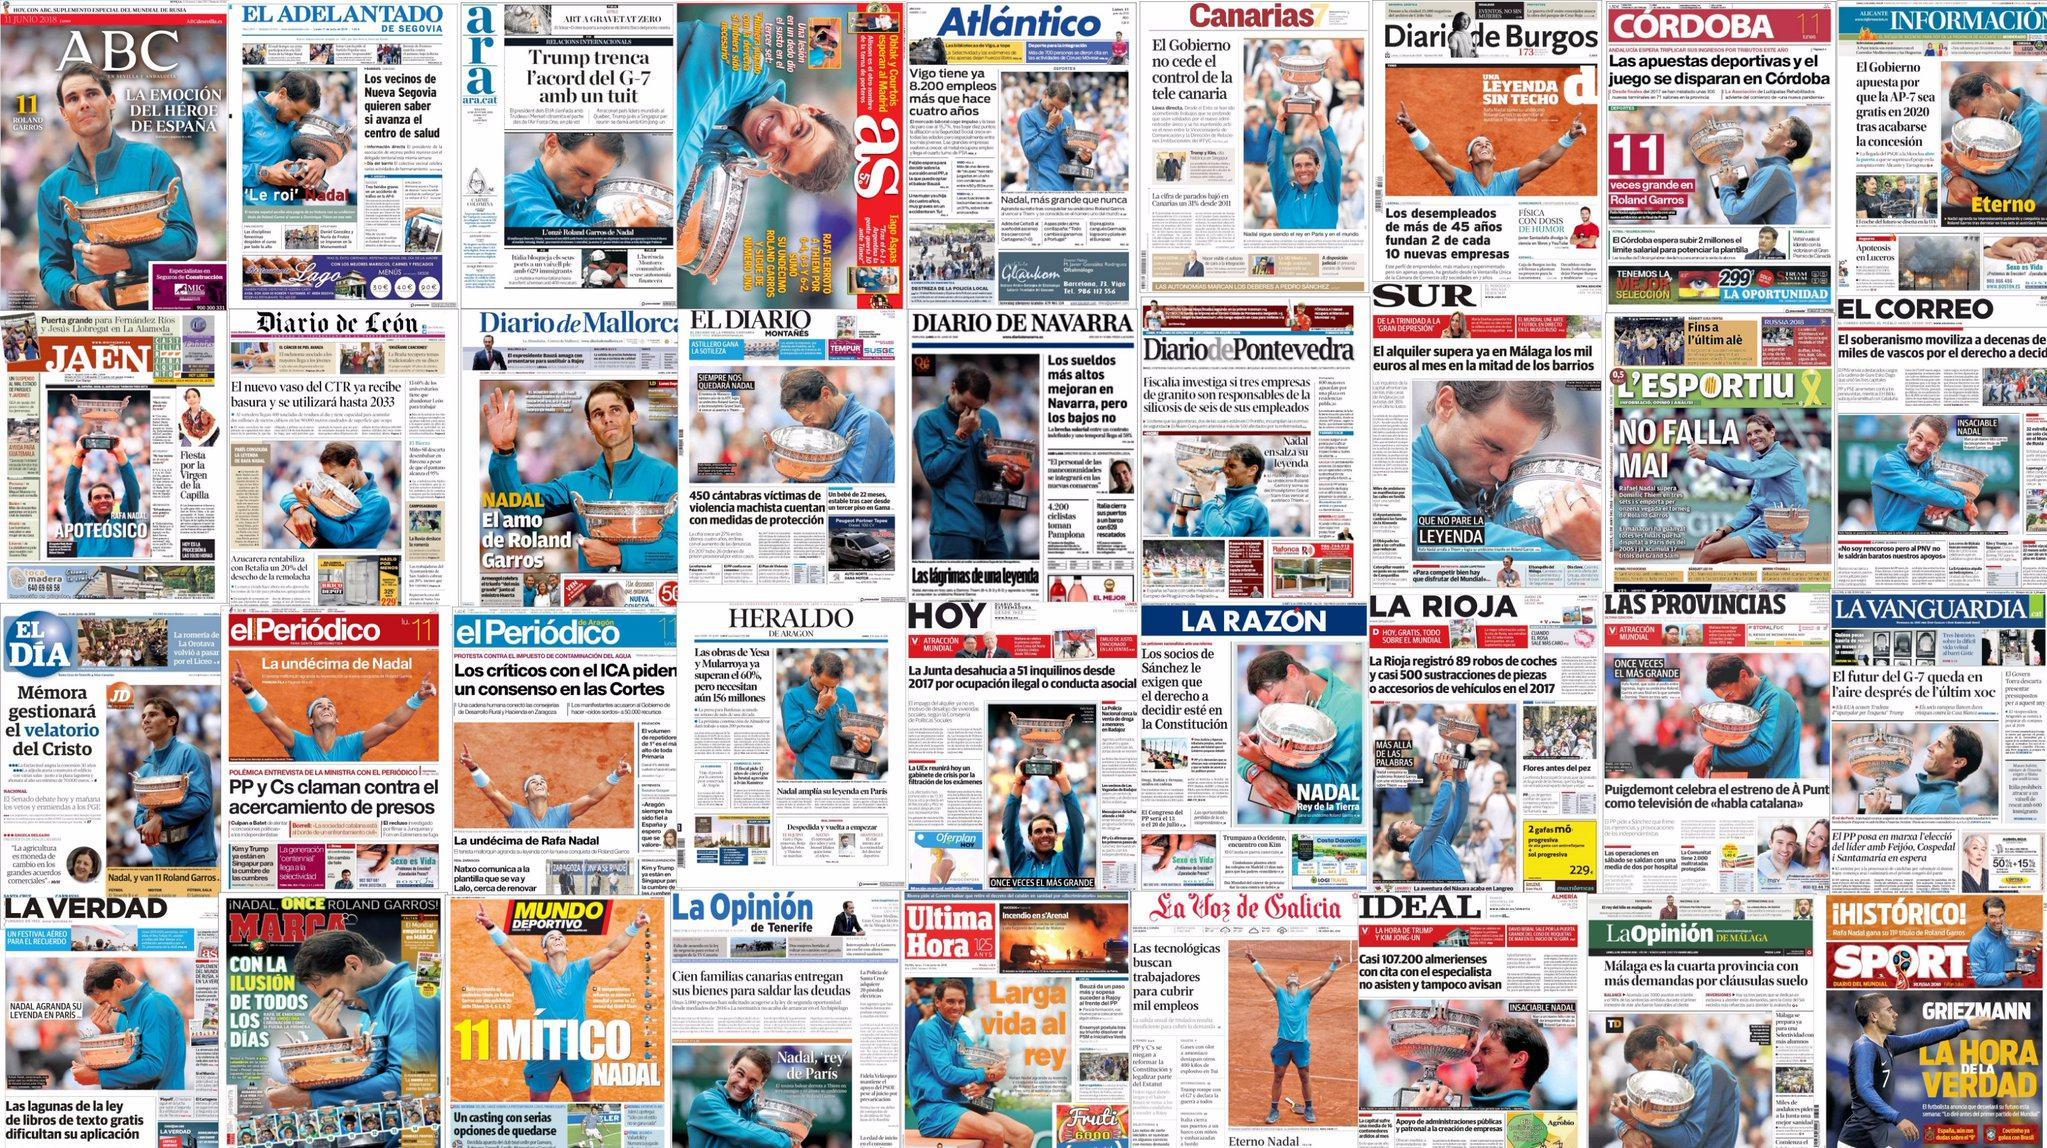 纳达尔占领全球媒体体育版 网友:11座王冠还不够